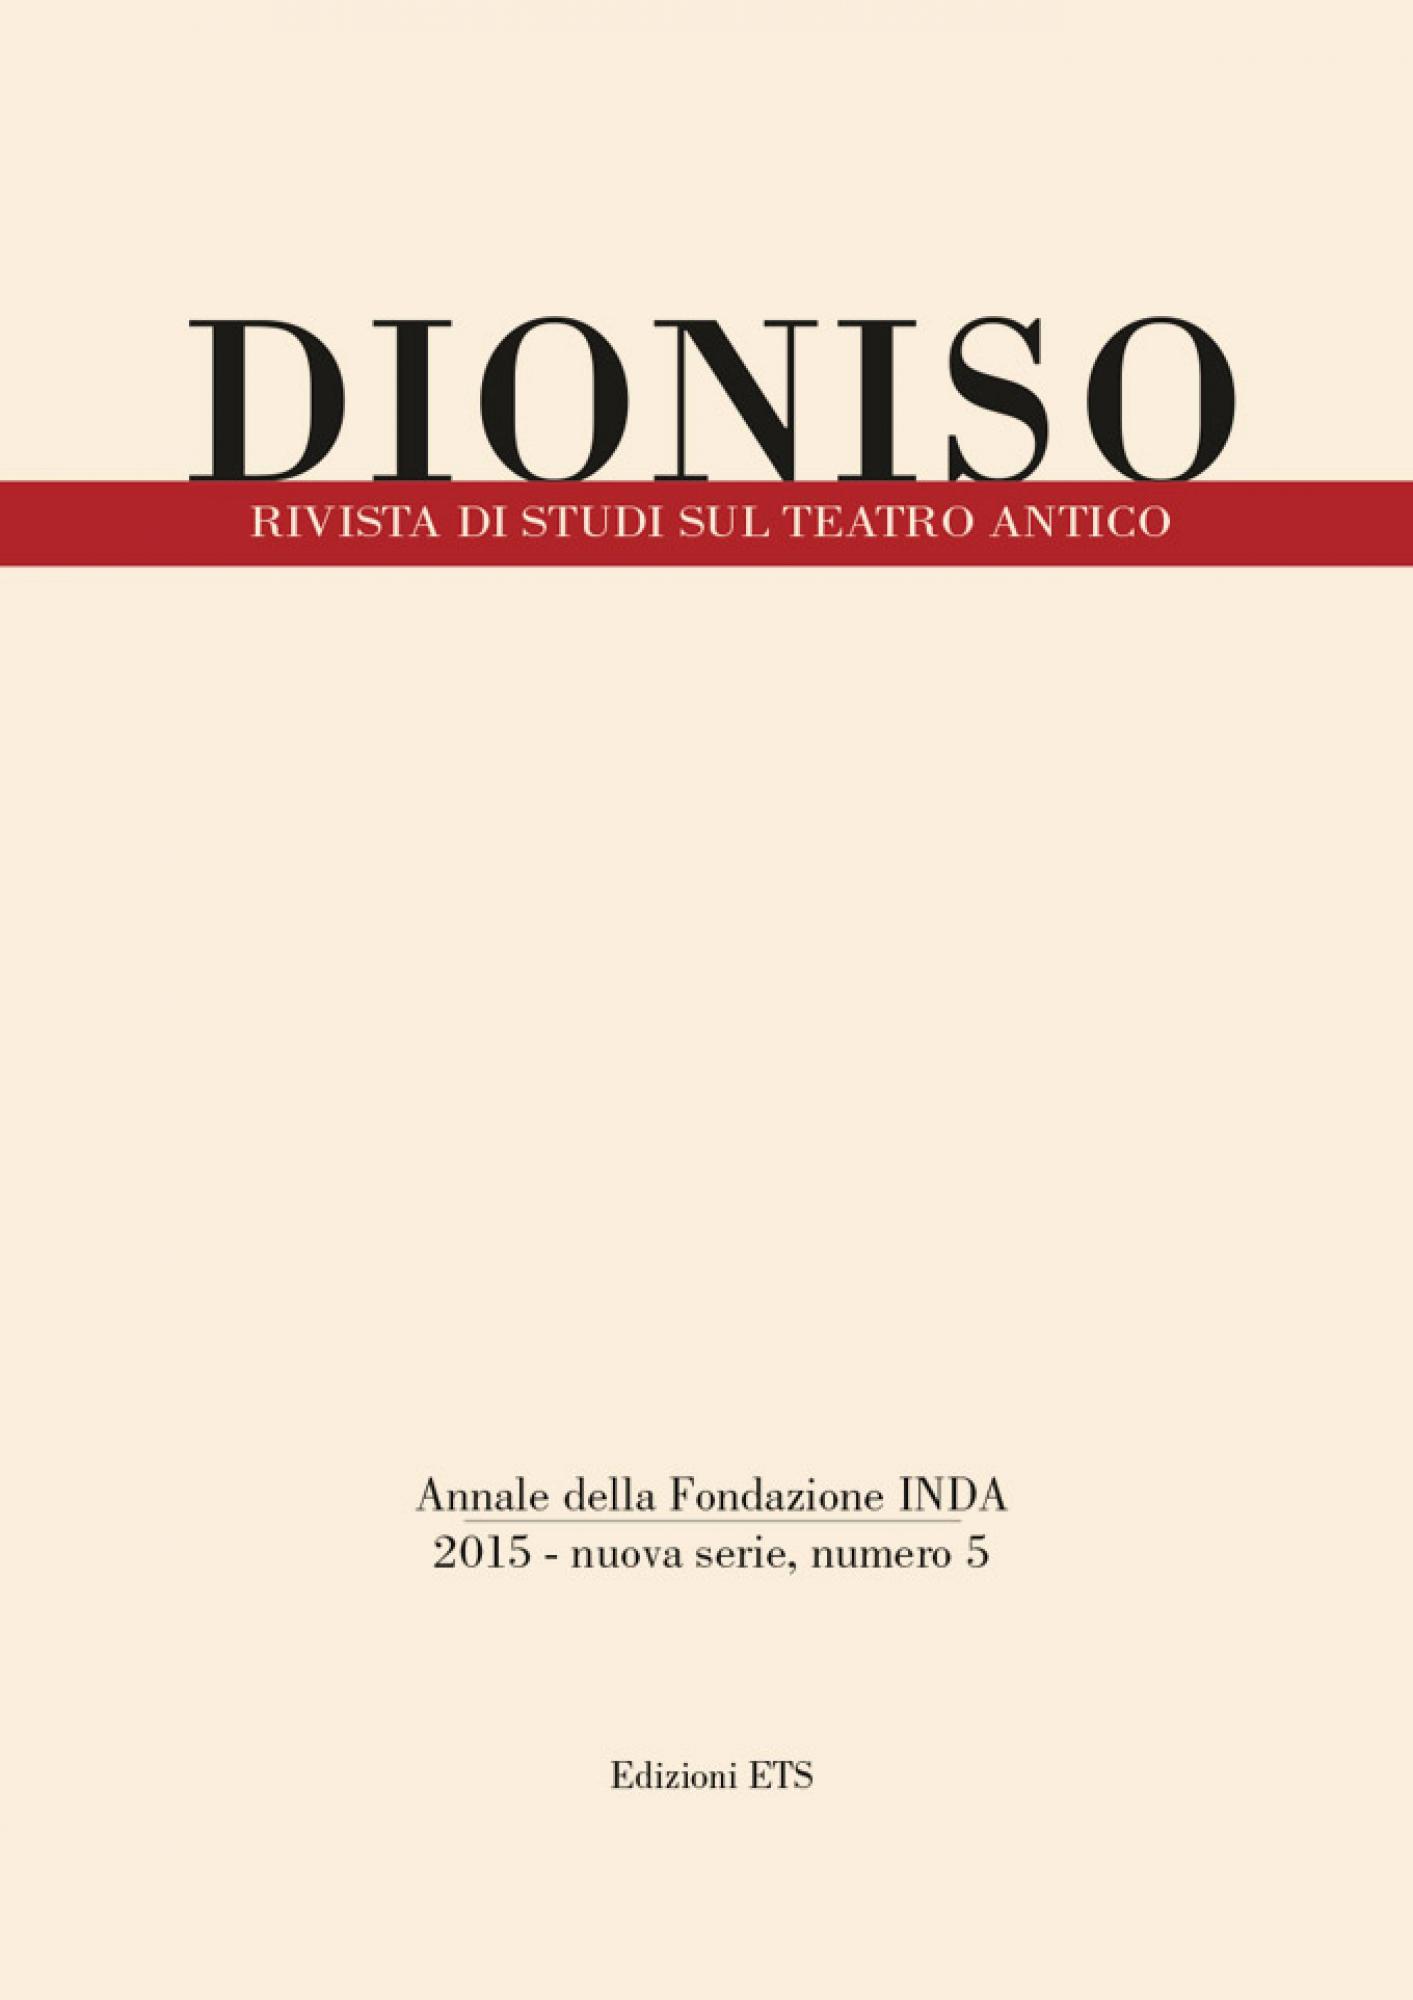 Dioniso.Rivista di studi sul teatro antico, n.s. 5